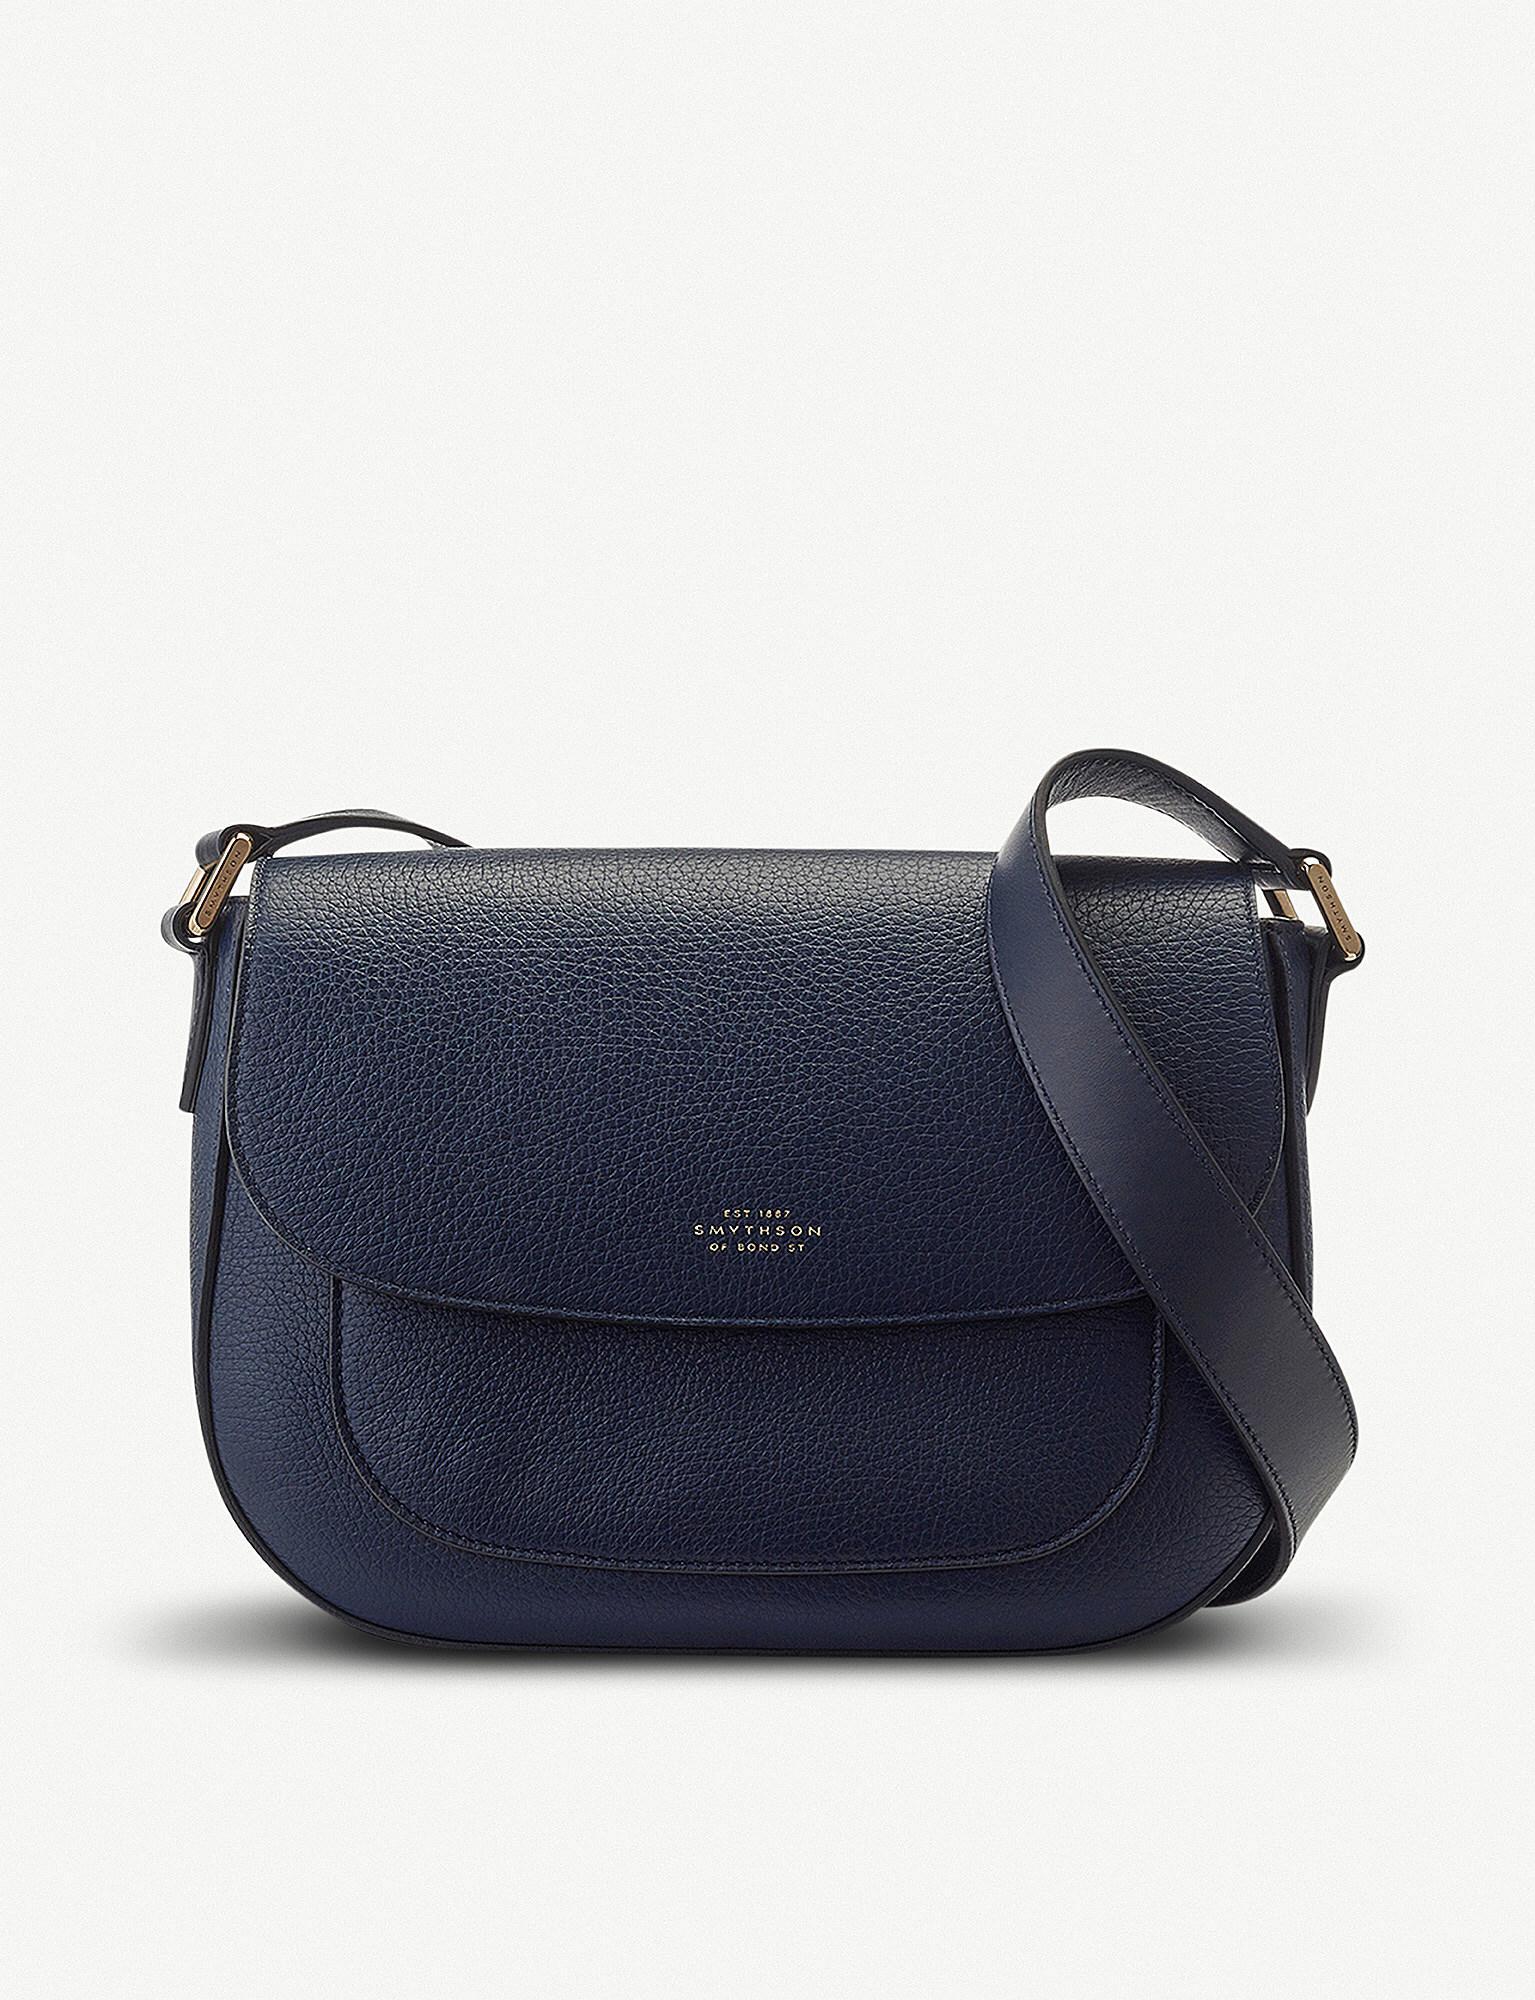 Lyst - Smythson Burlington Leather Saddle Bag in Blue